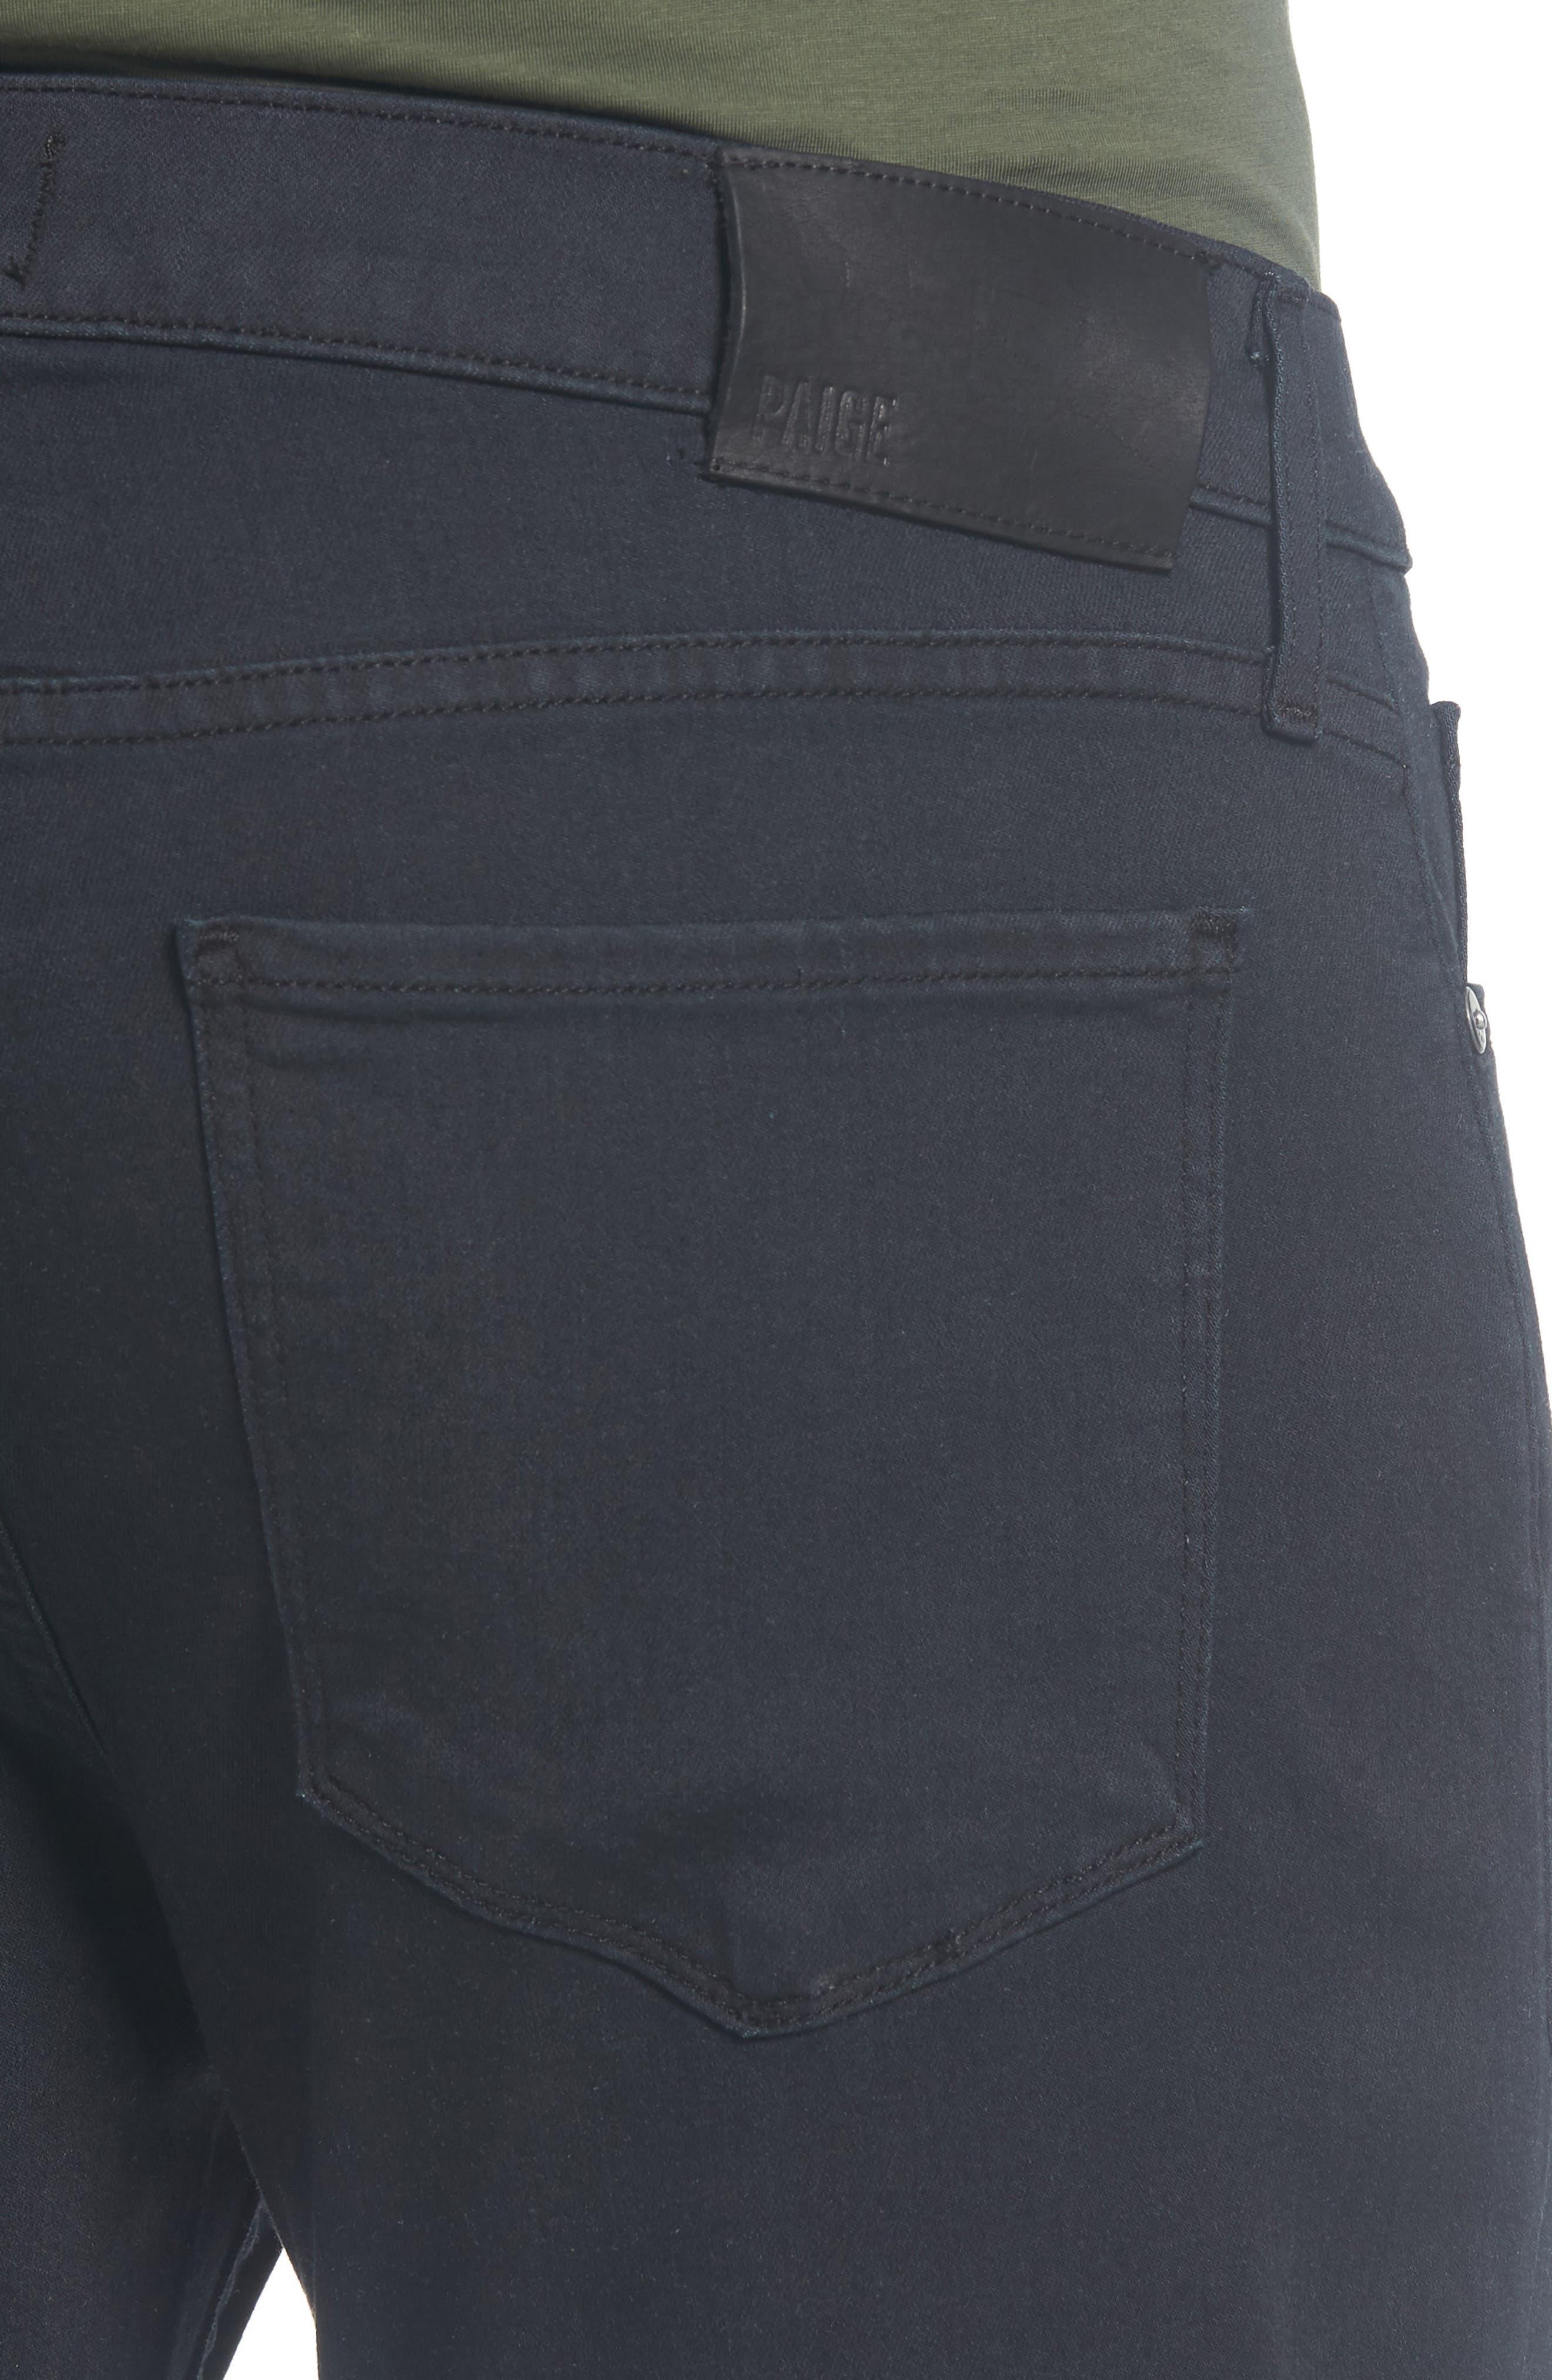 PAIGE,                             Normandie Straight Leg Jeans,                             Alternate thumbnail 4, color,                             400